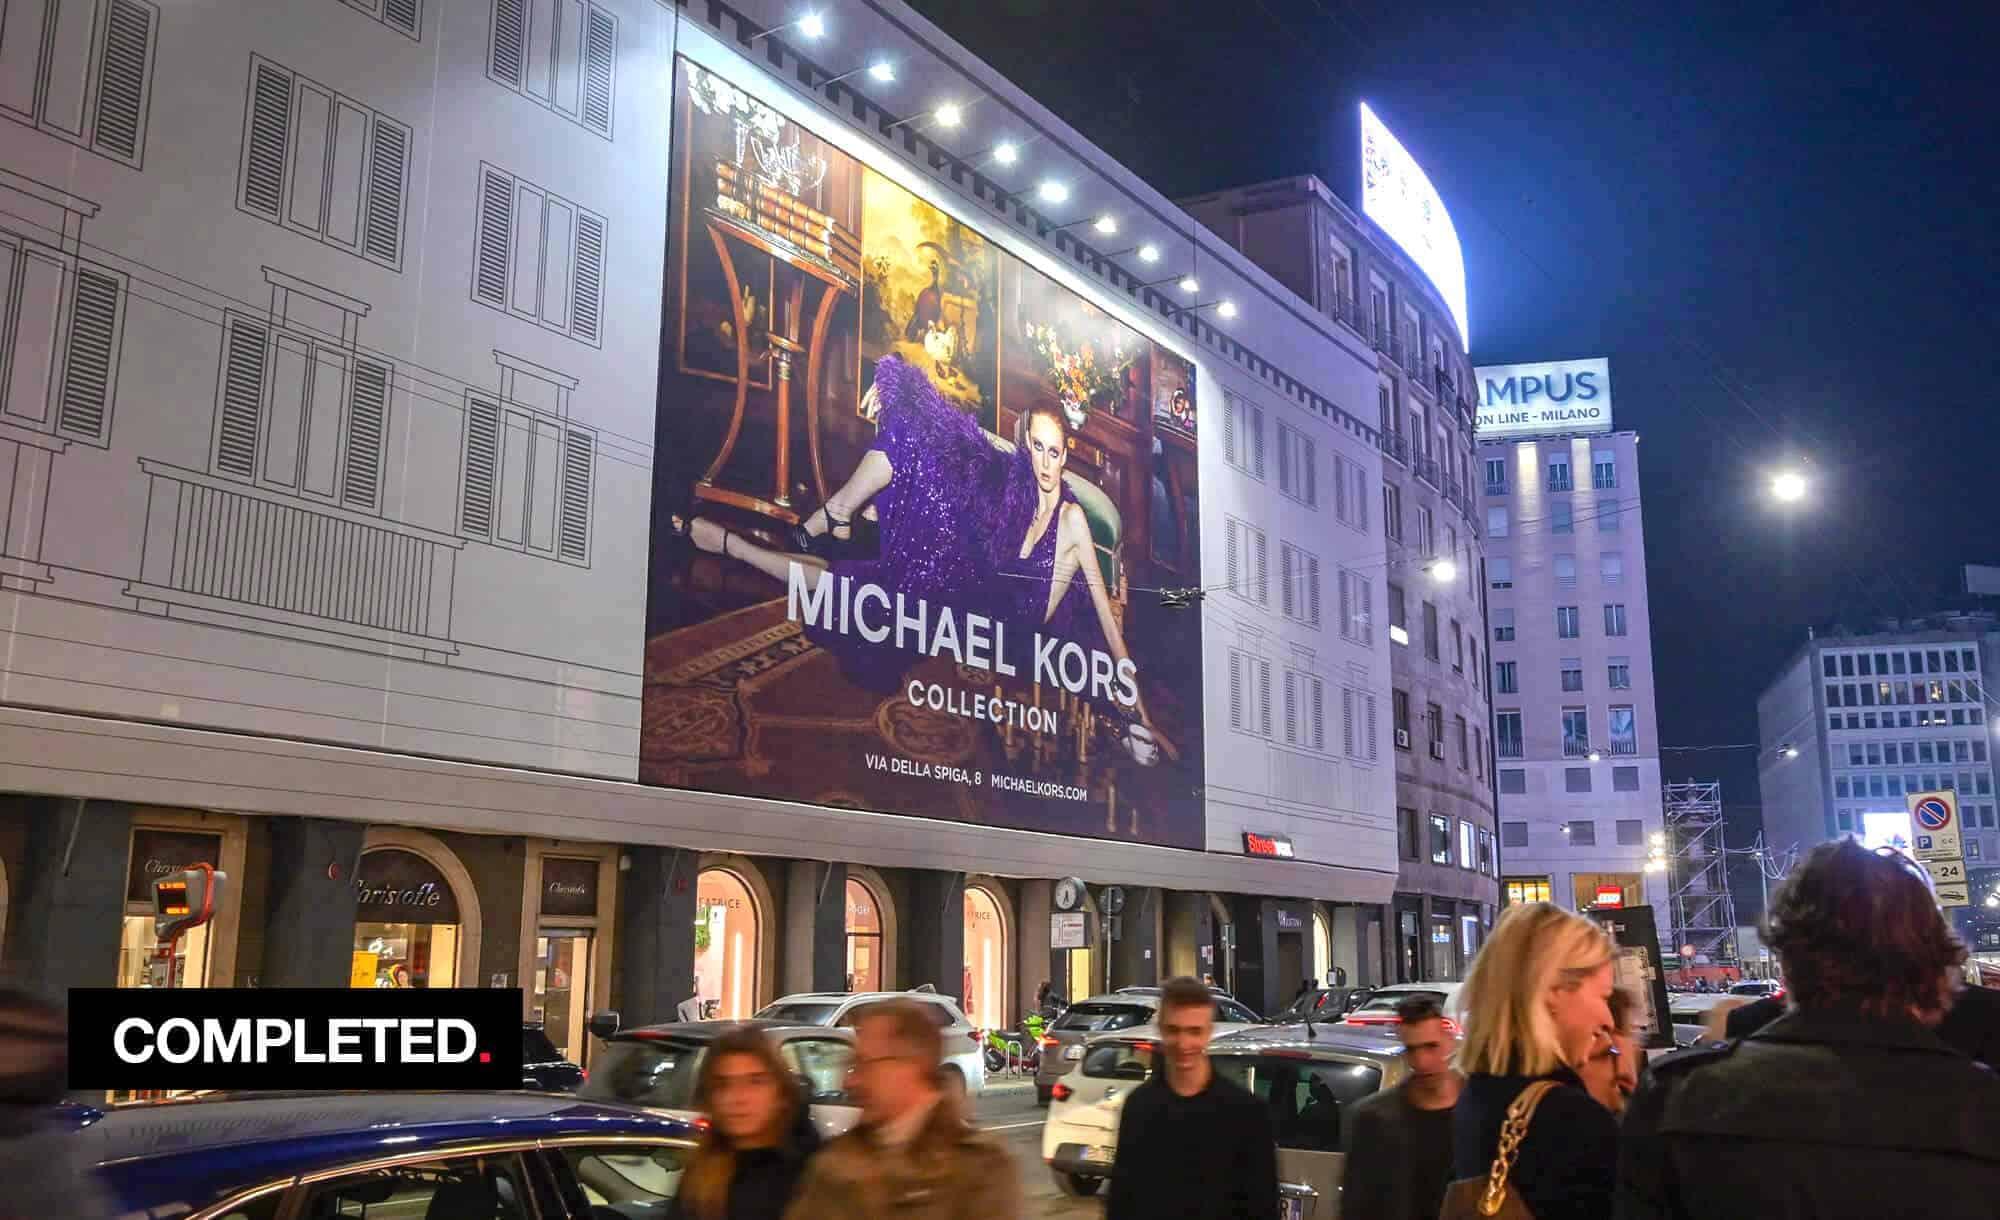 Maxi Affisione a Milano in Via Venezia 6 con Michael Kors (Fashion)